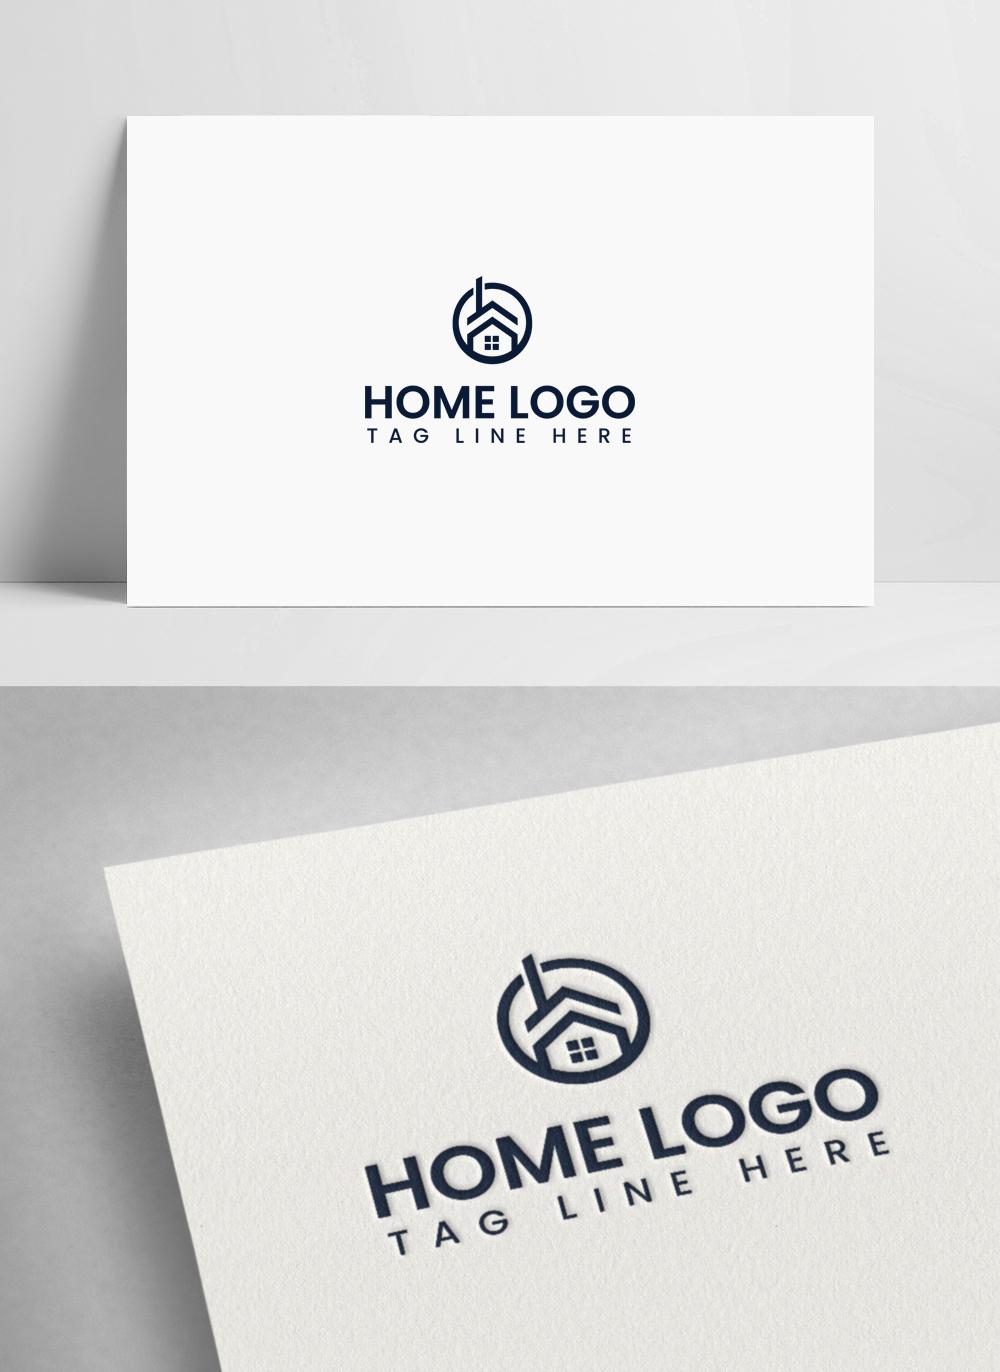 Logo Syarikat Pembinaan Gambar Unduh Gratis Imej 450009297 Format Ai My Lovepik Com